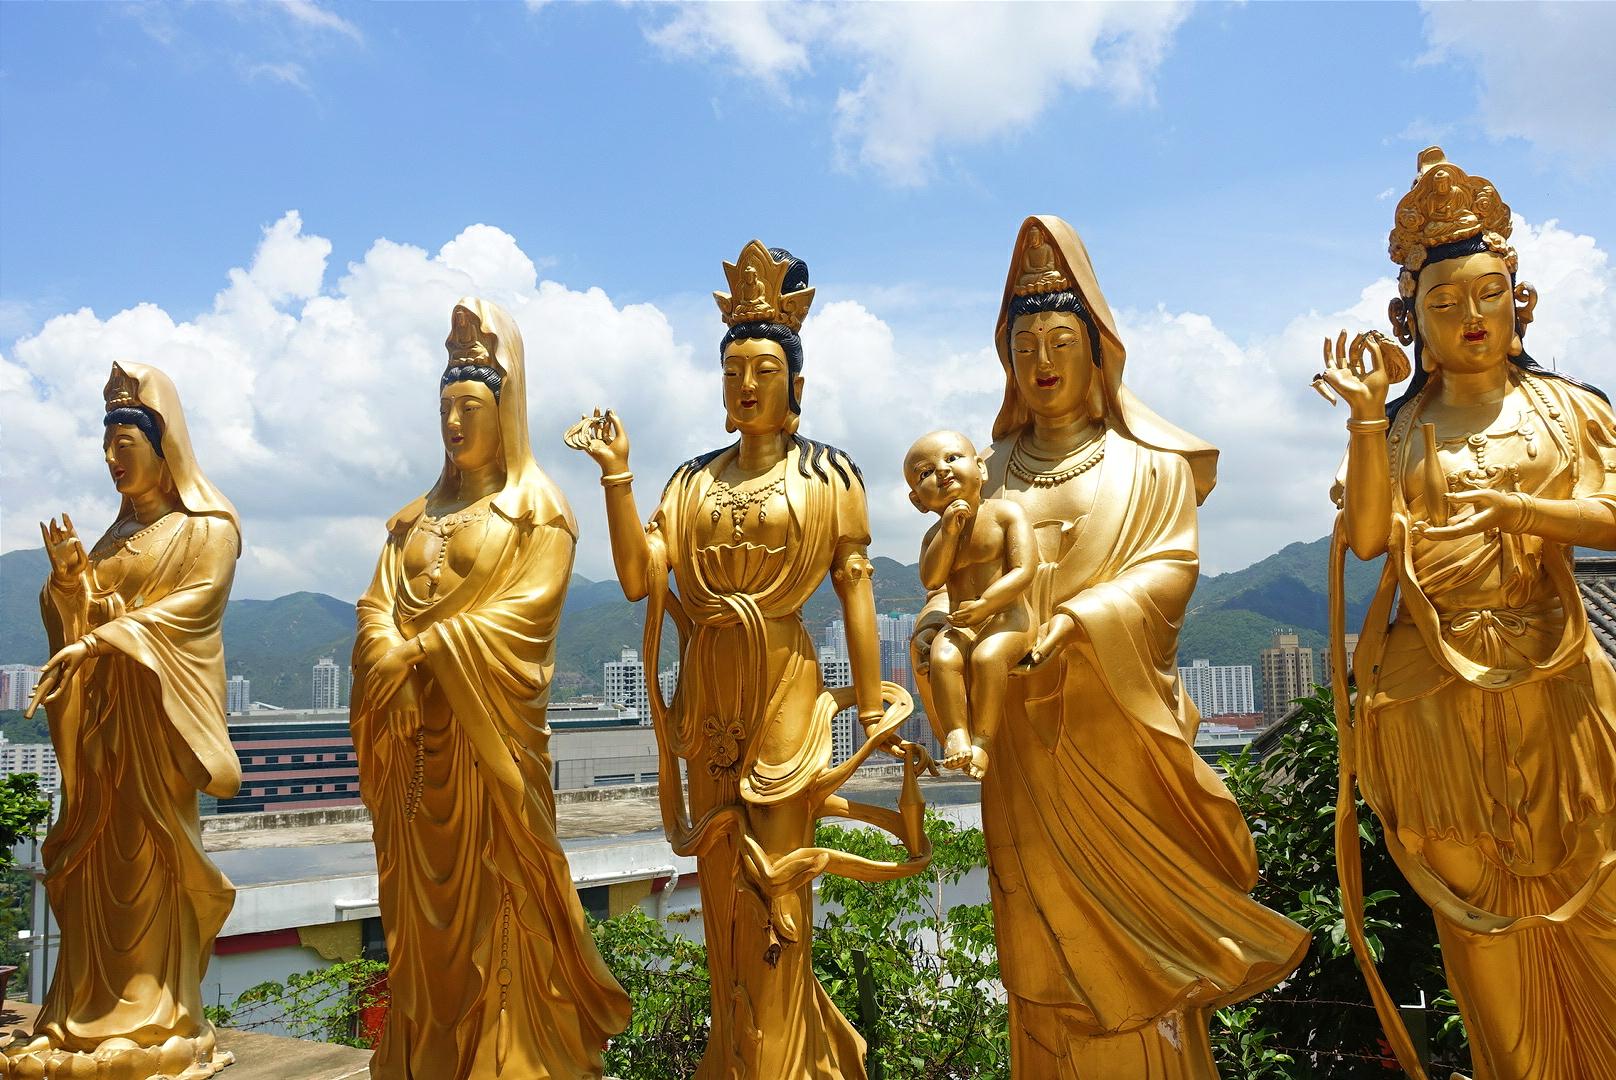 The Quirkiest Festival of Hong Kong: Cheung Chau + Bun Festival 11